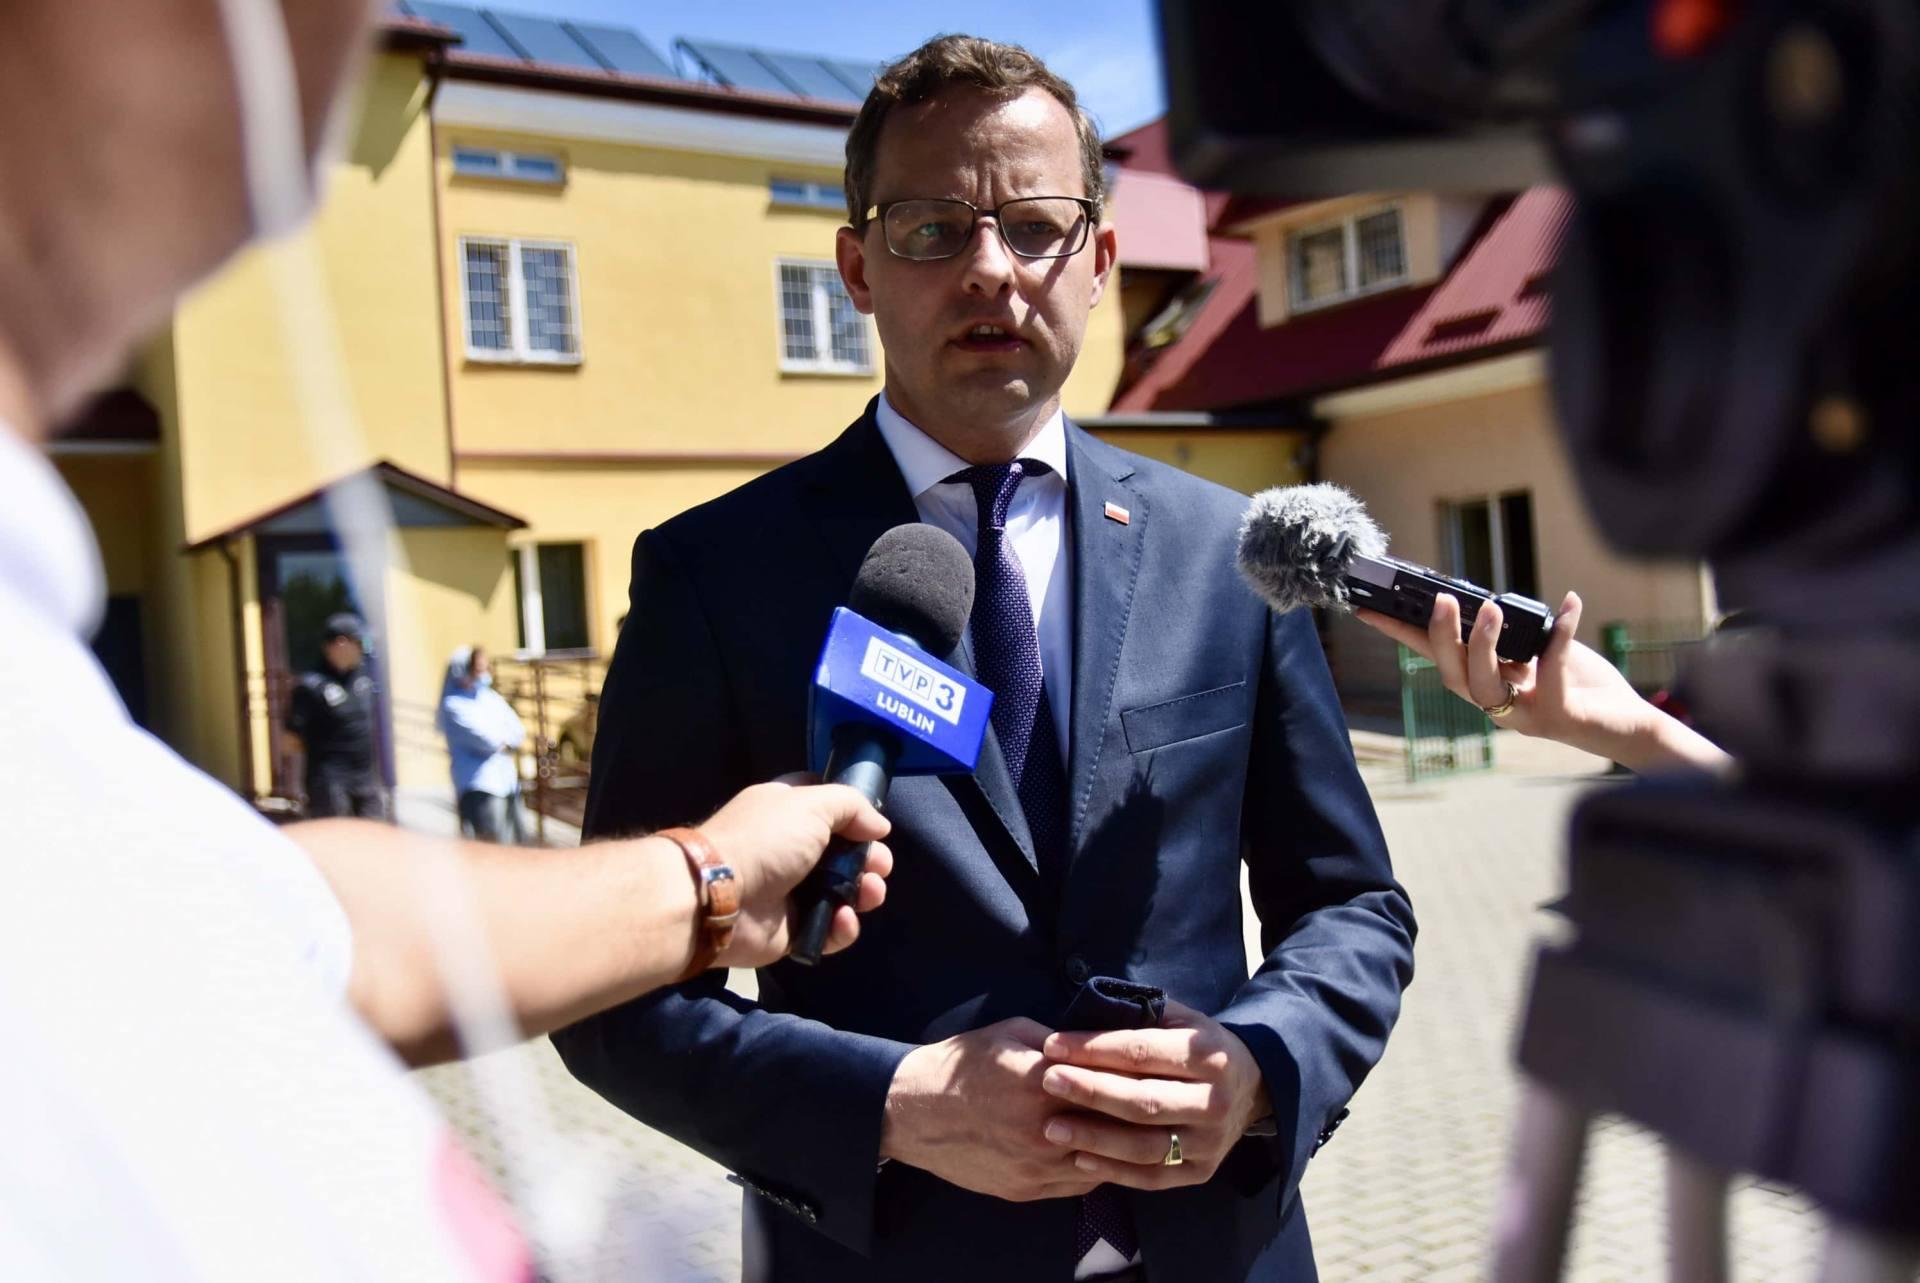 dsc 8530 Wiceminister Romanowski wziął udział w przekazaniu maseczek dla DPS-u przy ul. Żdanowskiej [ZDJĘCIA, FILM]